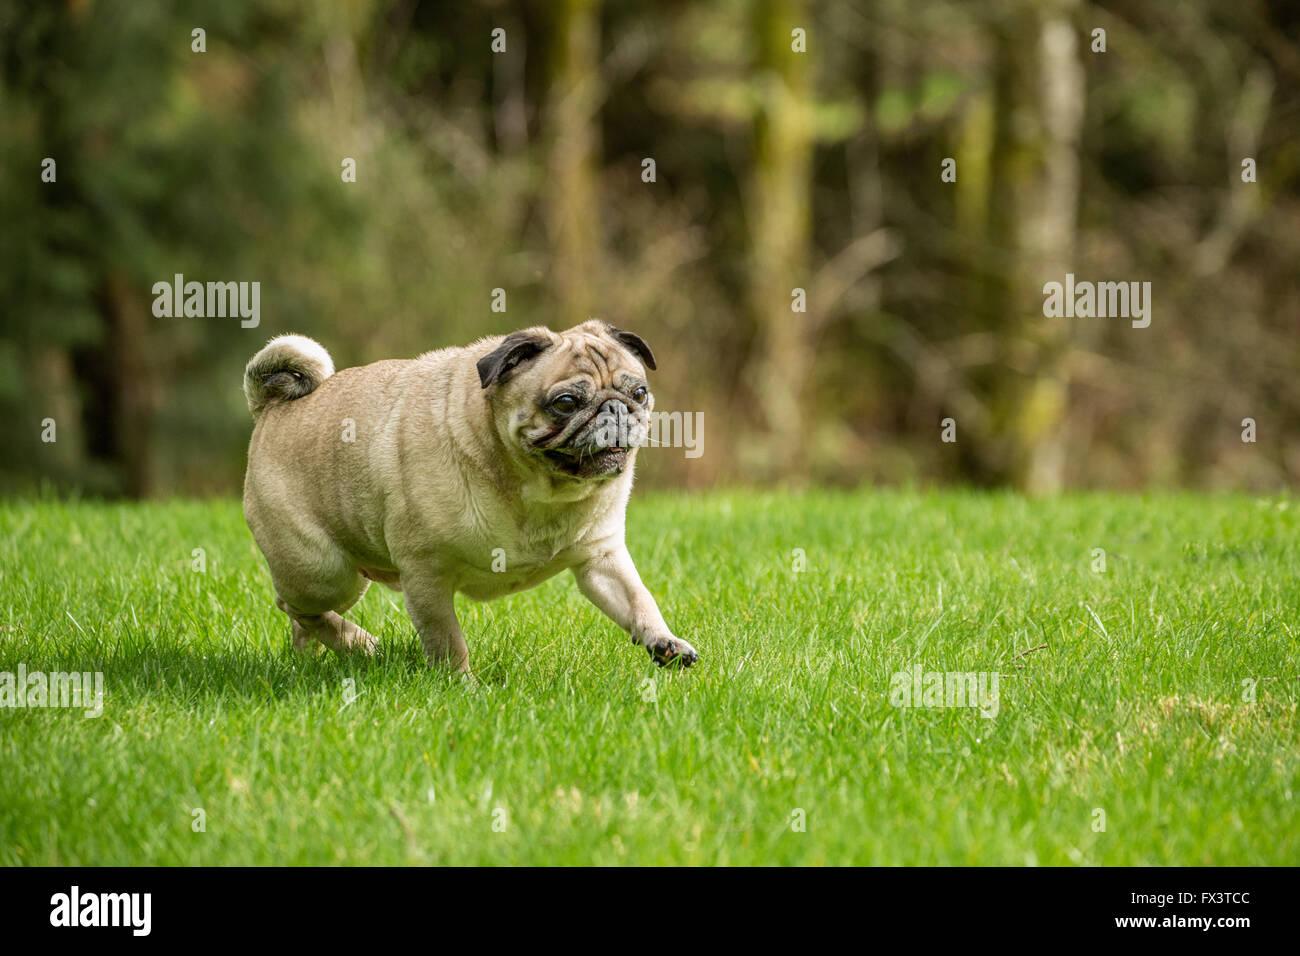 Cabo, un anziano fawn Pug, passeggiate nel suo cortile a Redmond, Washington, Stati Uniti d'America Immagini Stock